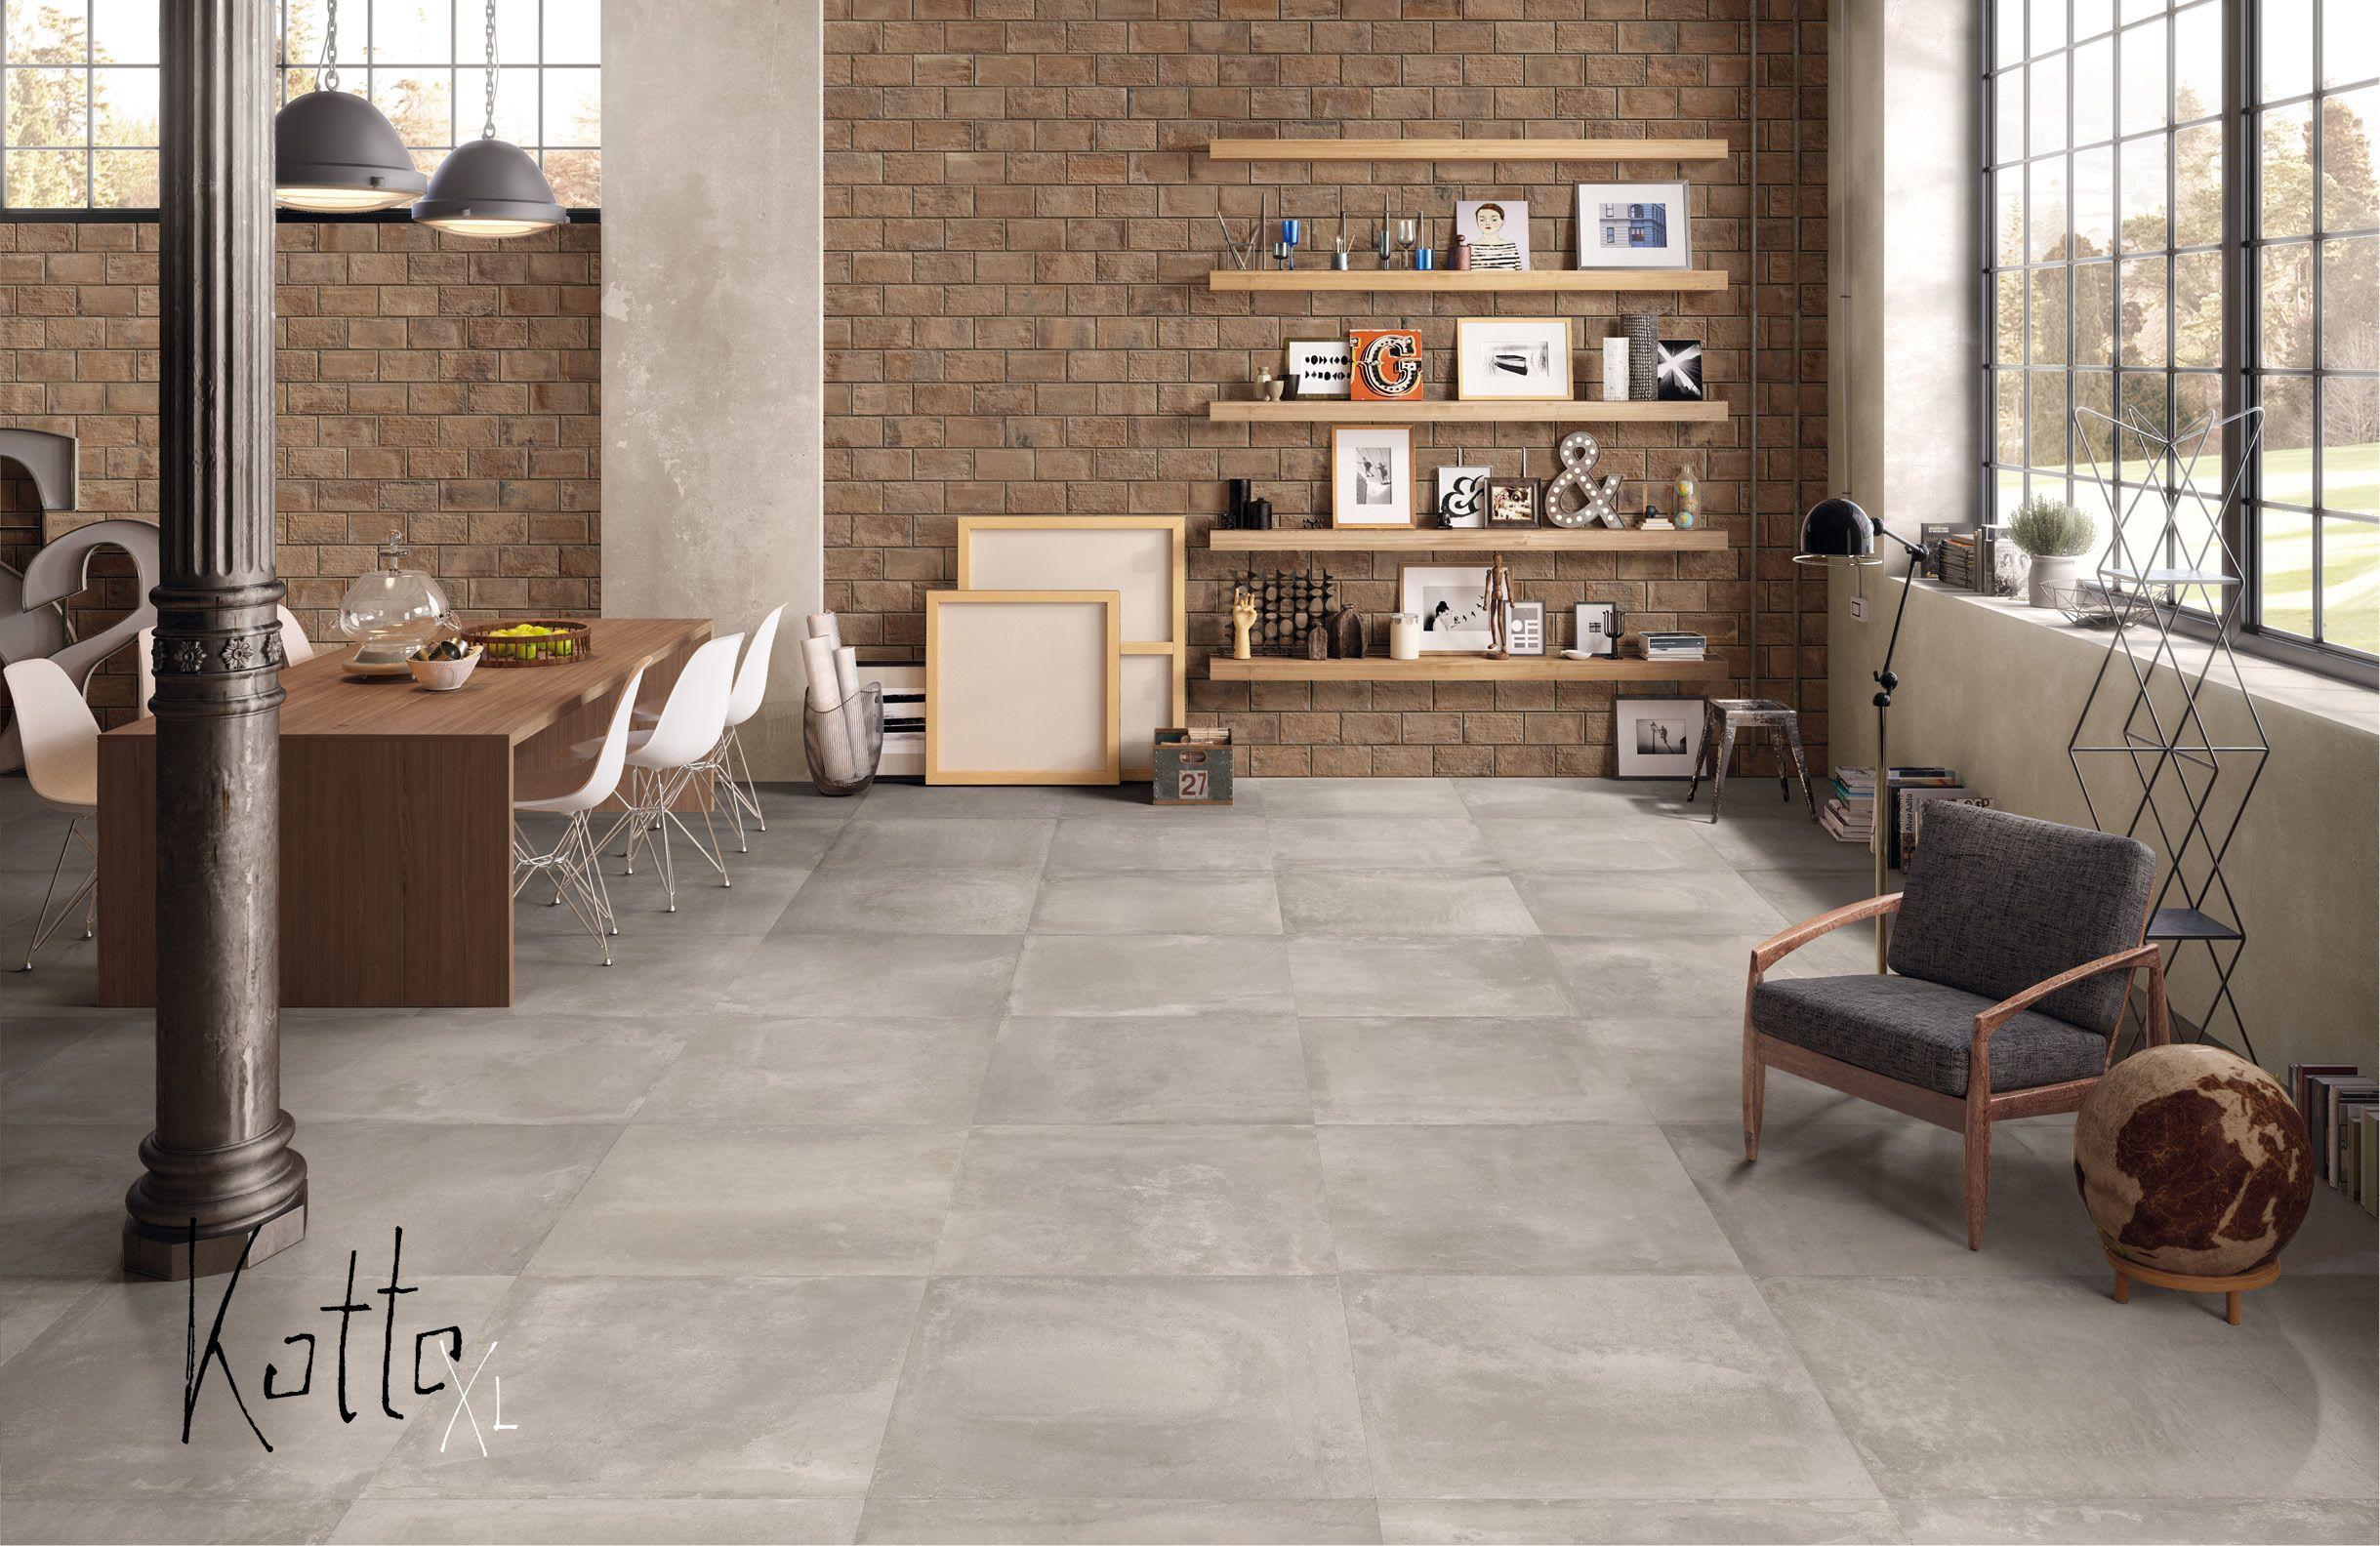 Tolle Farbnuancen Am Boden Kombiniert Mit Naturstein Bricks An Der - Steinfliesen für den boden